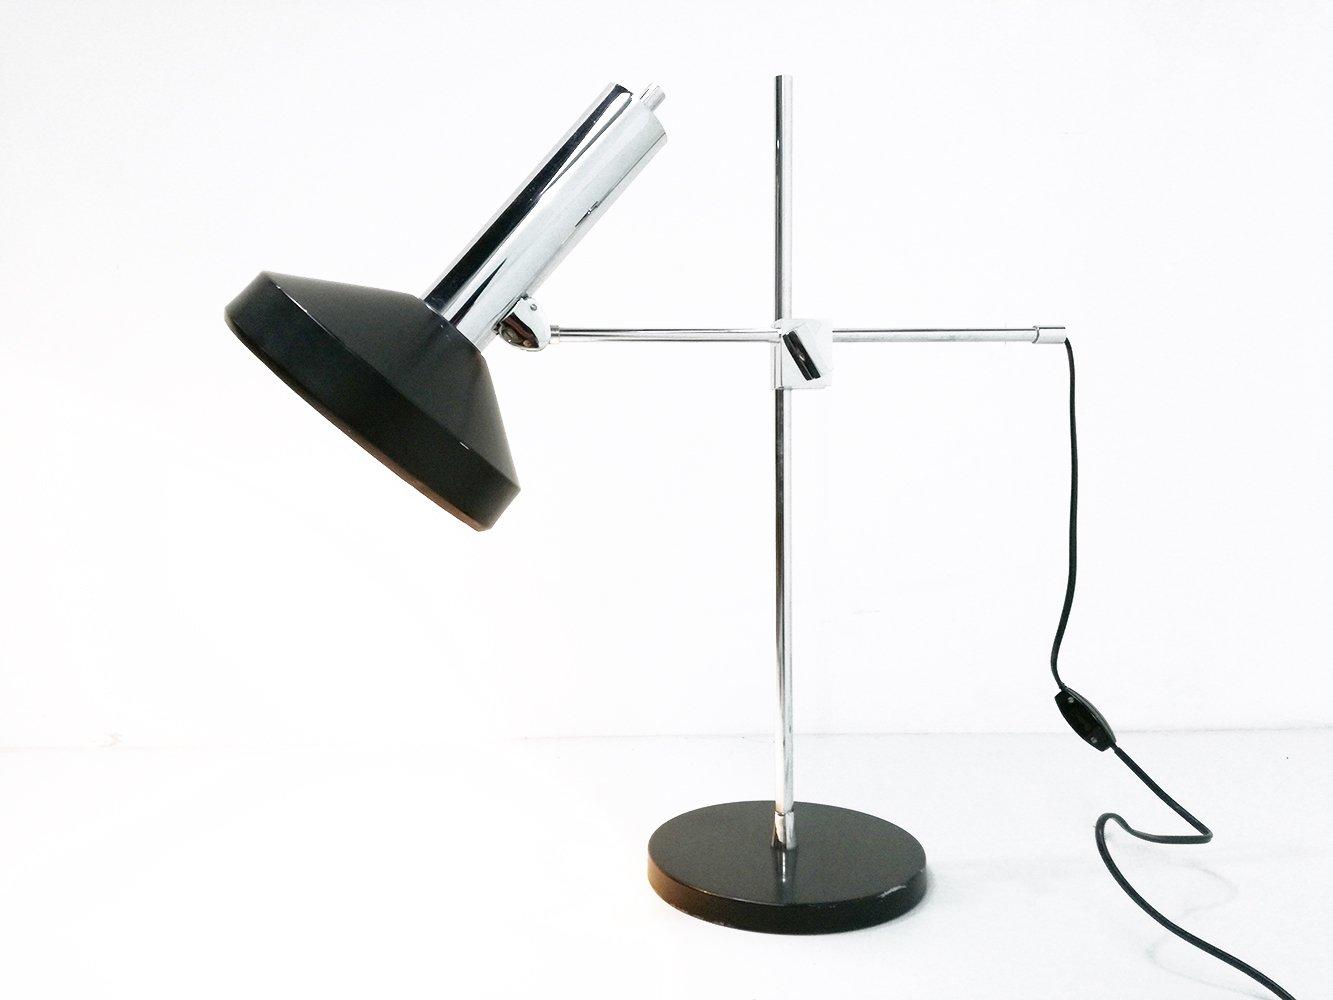 Lampe de bureau en chrome acier laqué noir s en vente sur